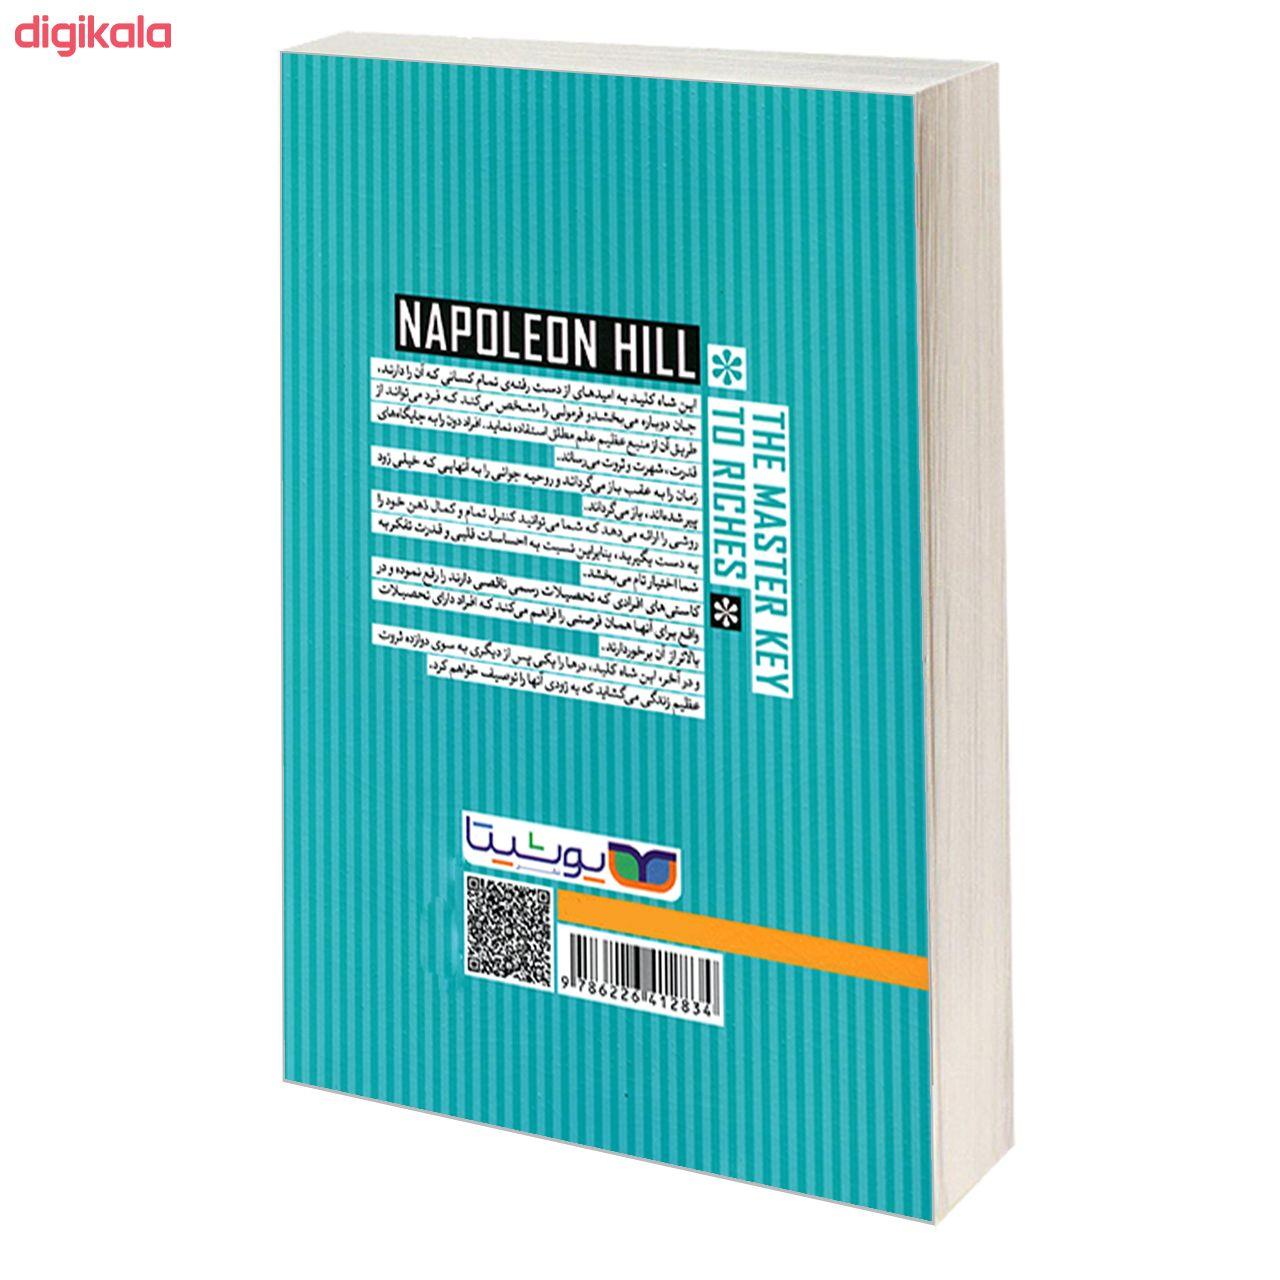 کتاب شاه کلید ثروت اثر ناپلئون هیل انتشارات یوشیتا main 1 1